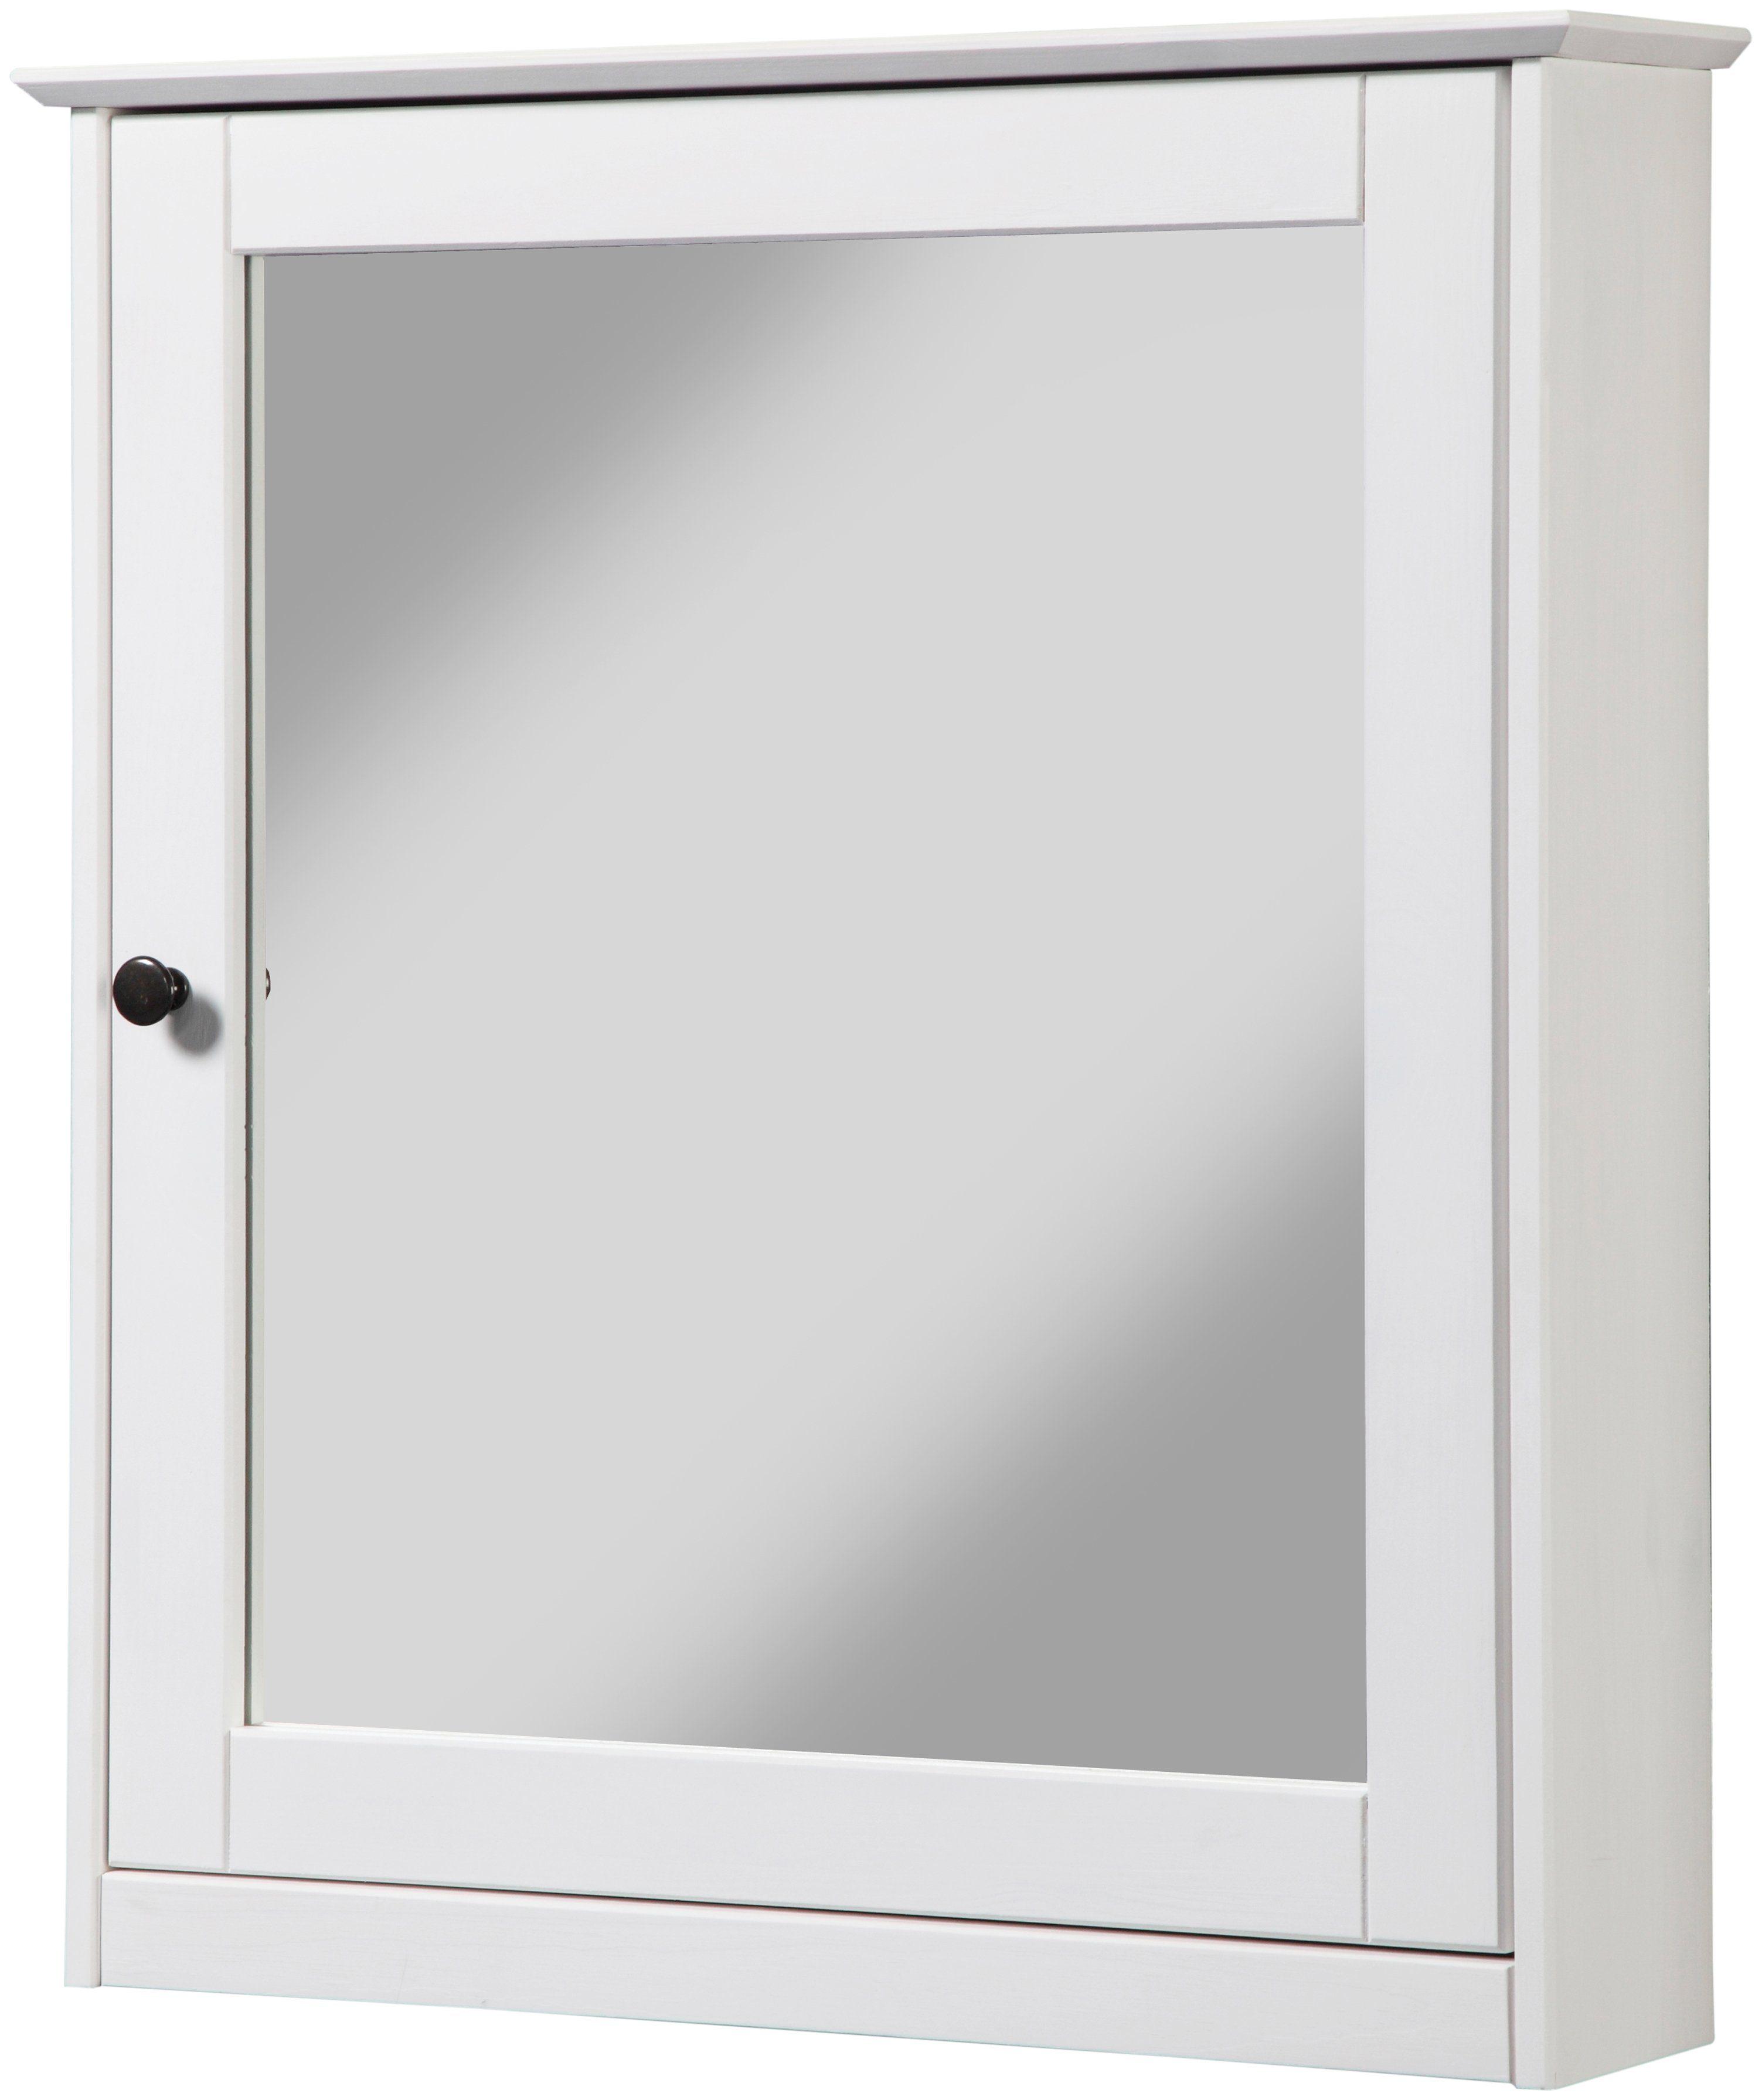 KONIFERA Spiegelschrank »Sylt/ Rügen/ Modern«, Breite 60 cm